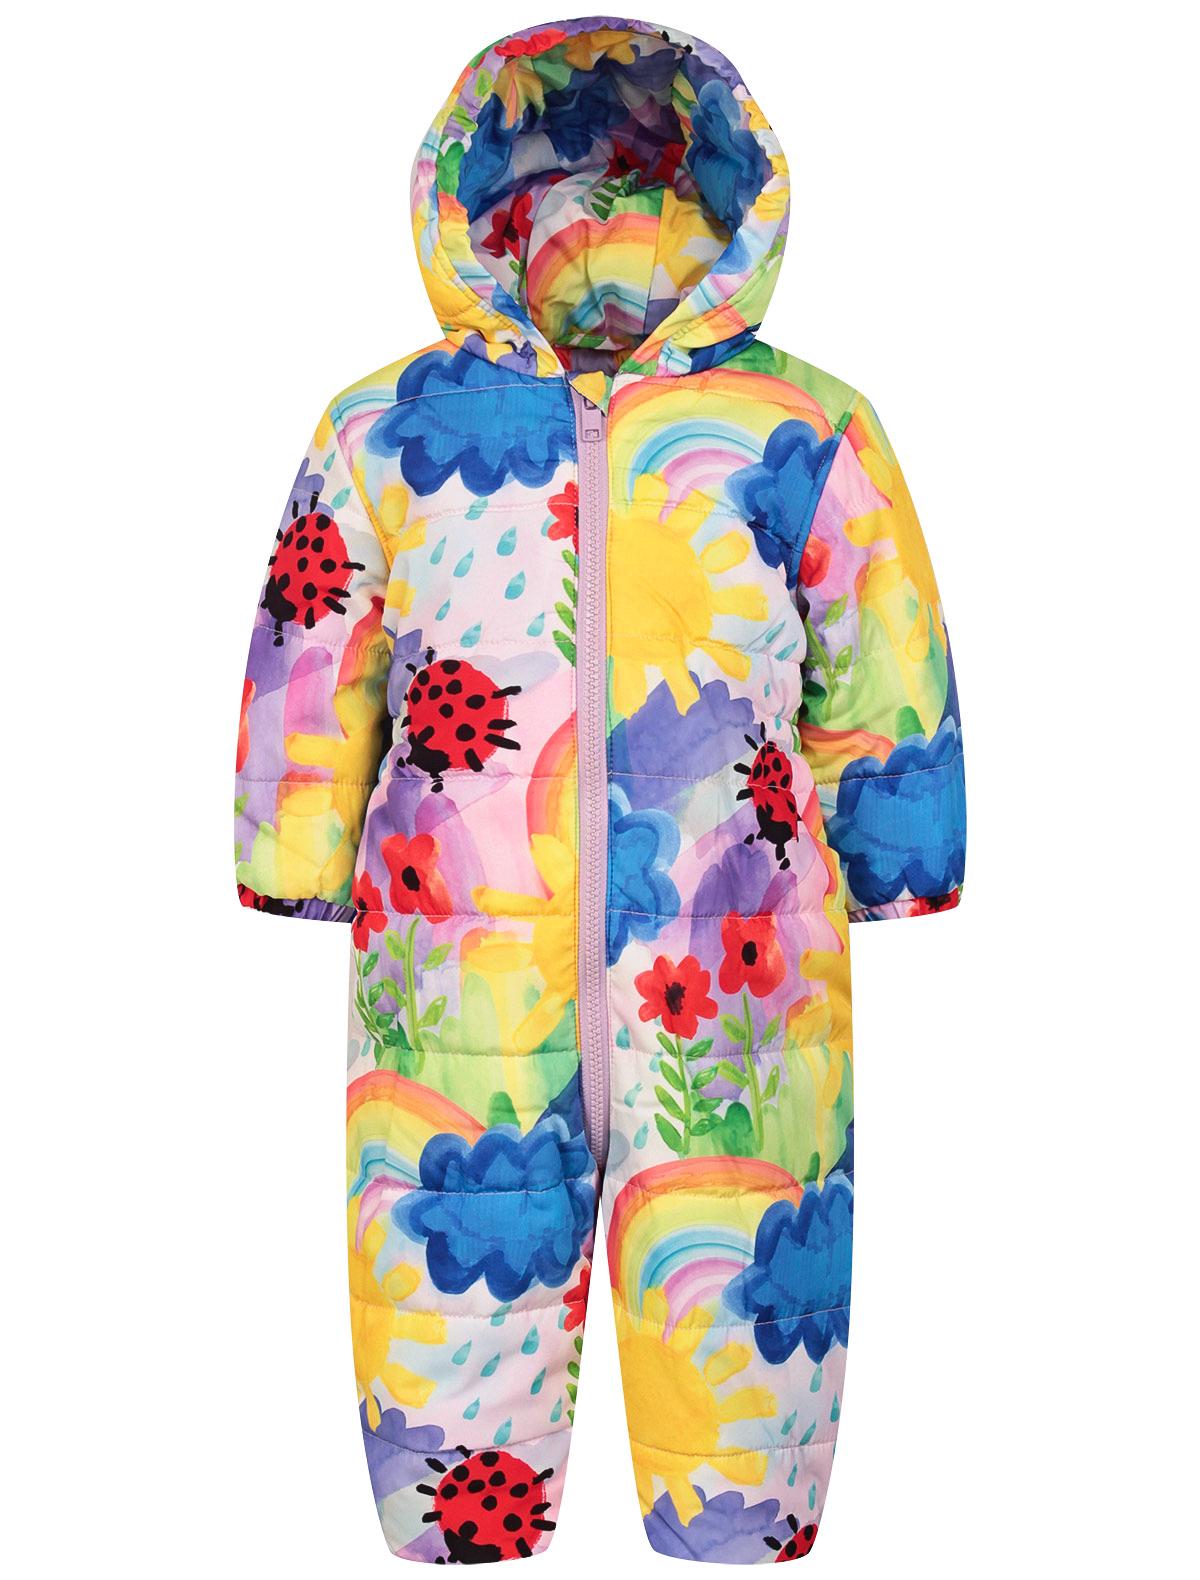 Купить 2238463, Комбинезон утепленный Stella McCartney, разноцветный, Женский, 1594509080292